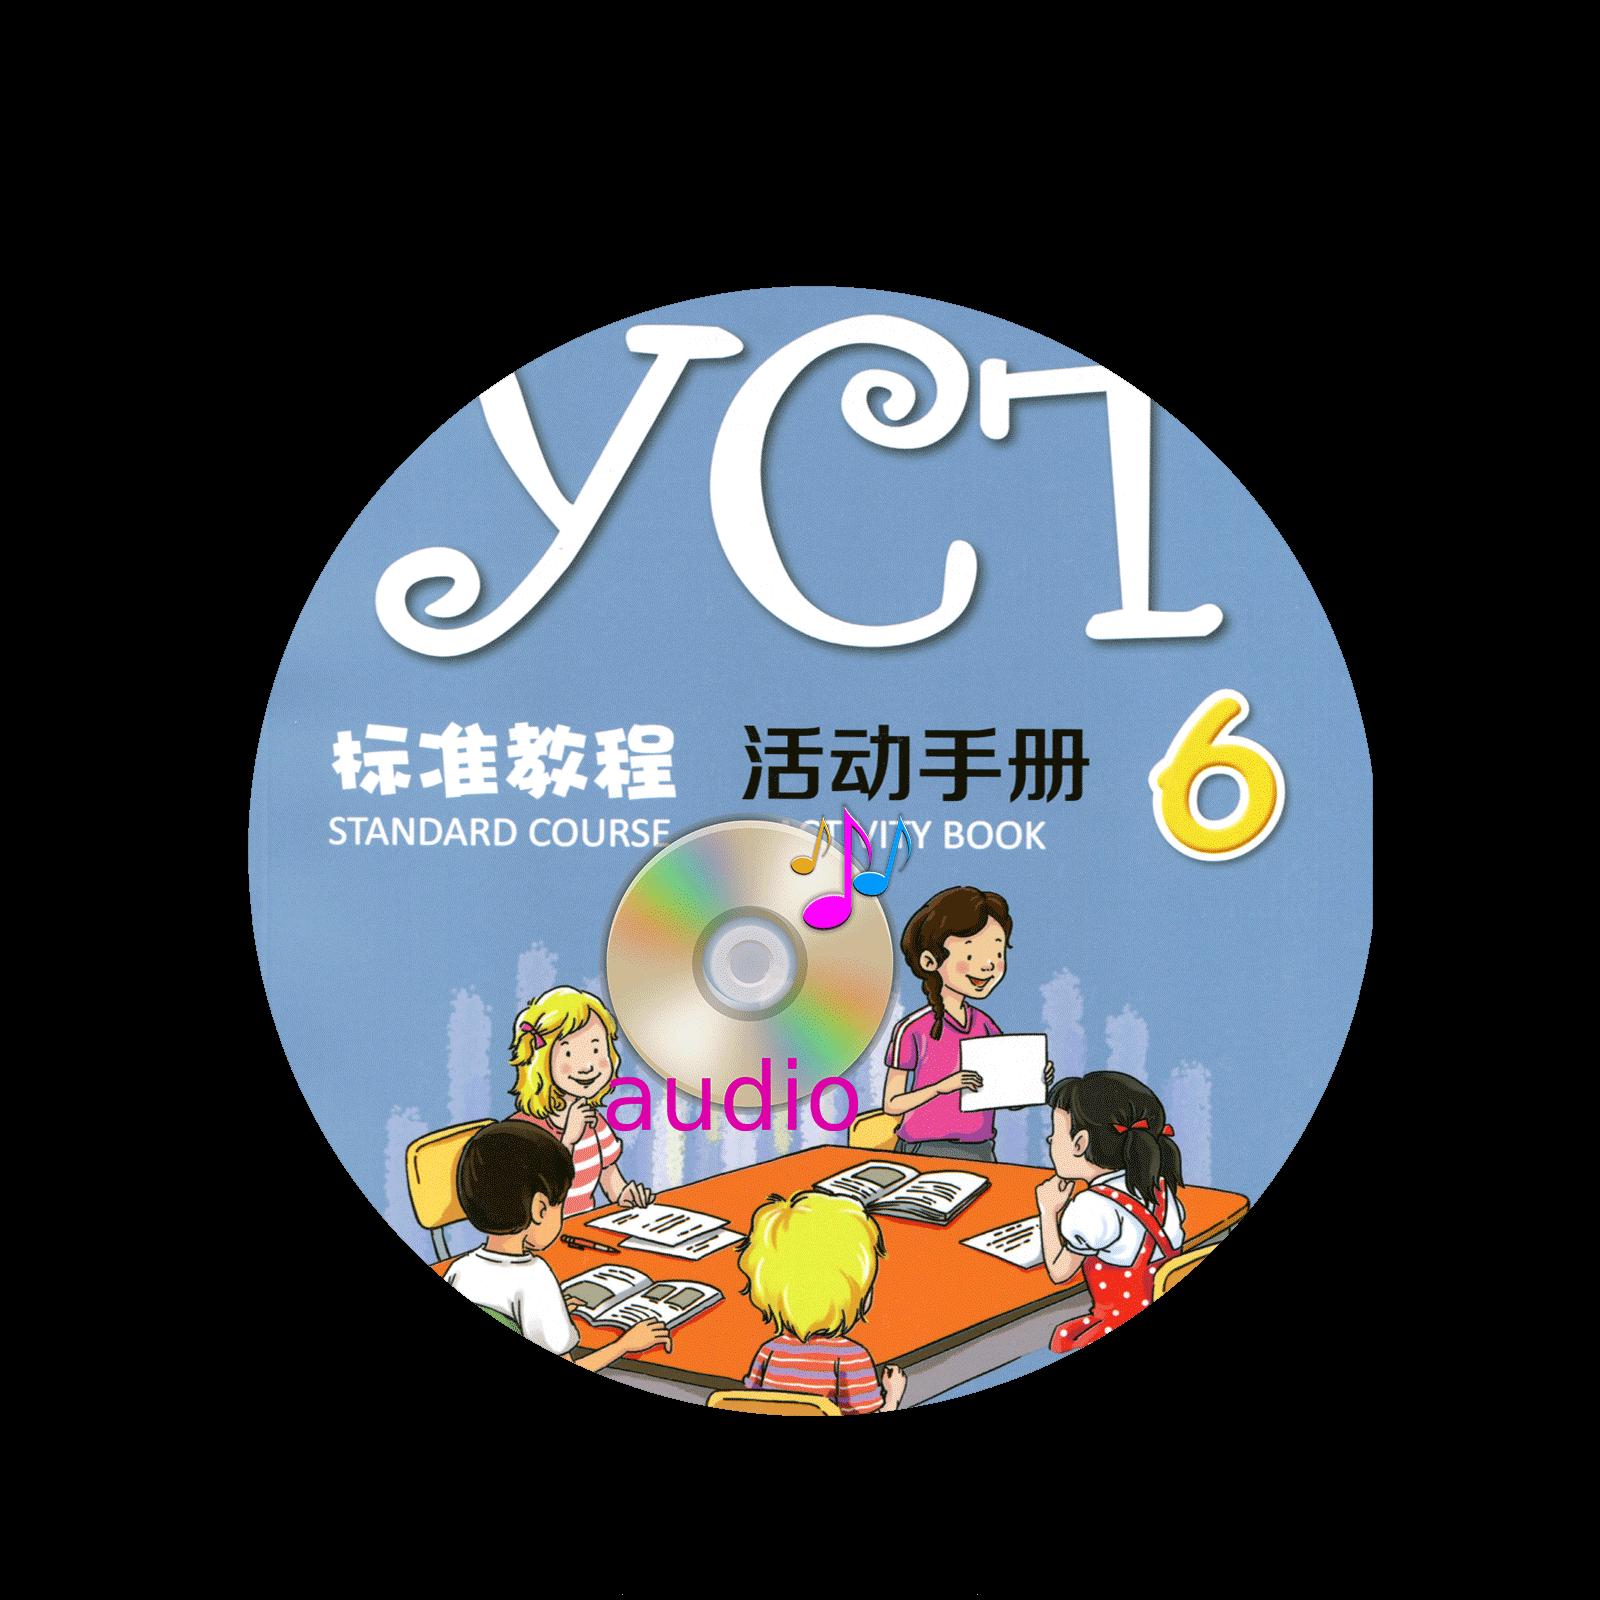 Yct Biaozhun Jiaocheng Huodong Shouce 6 Audio